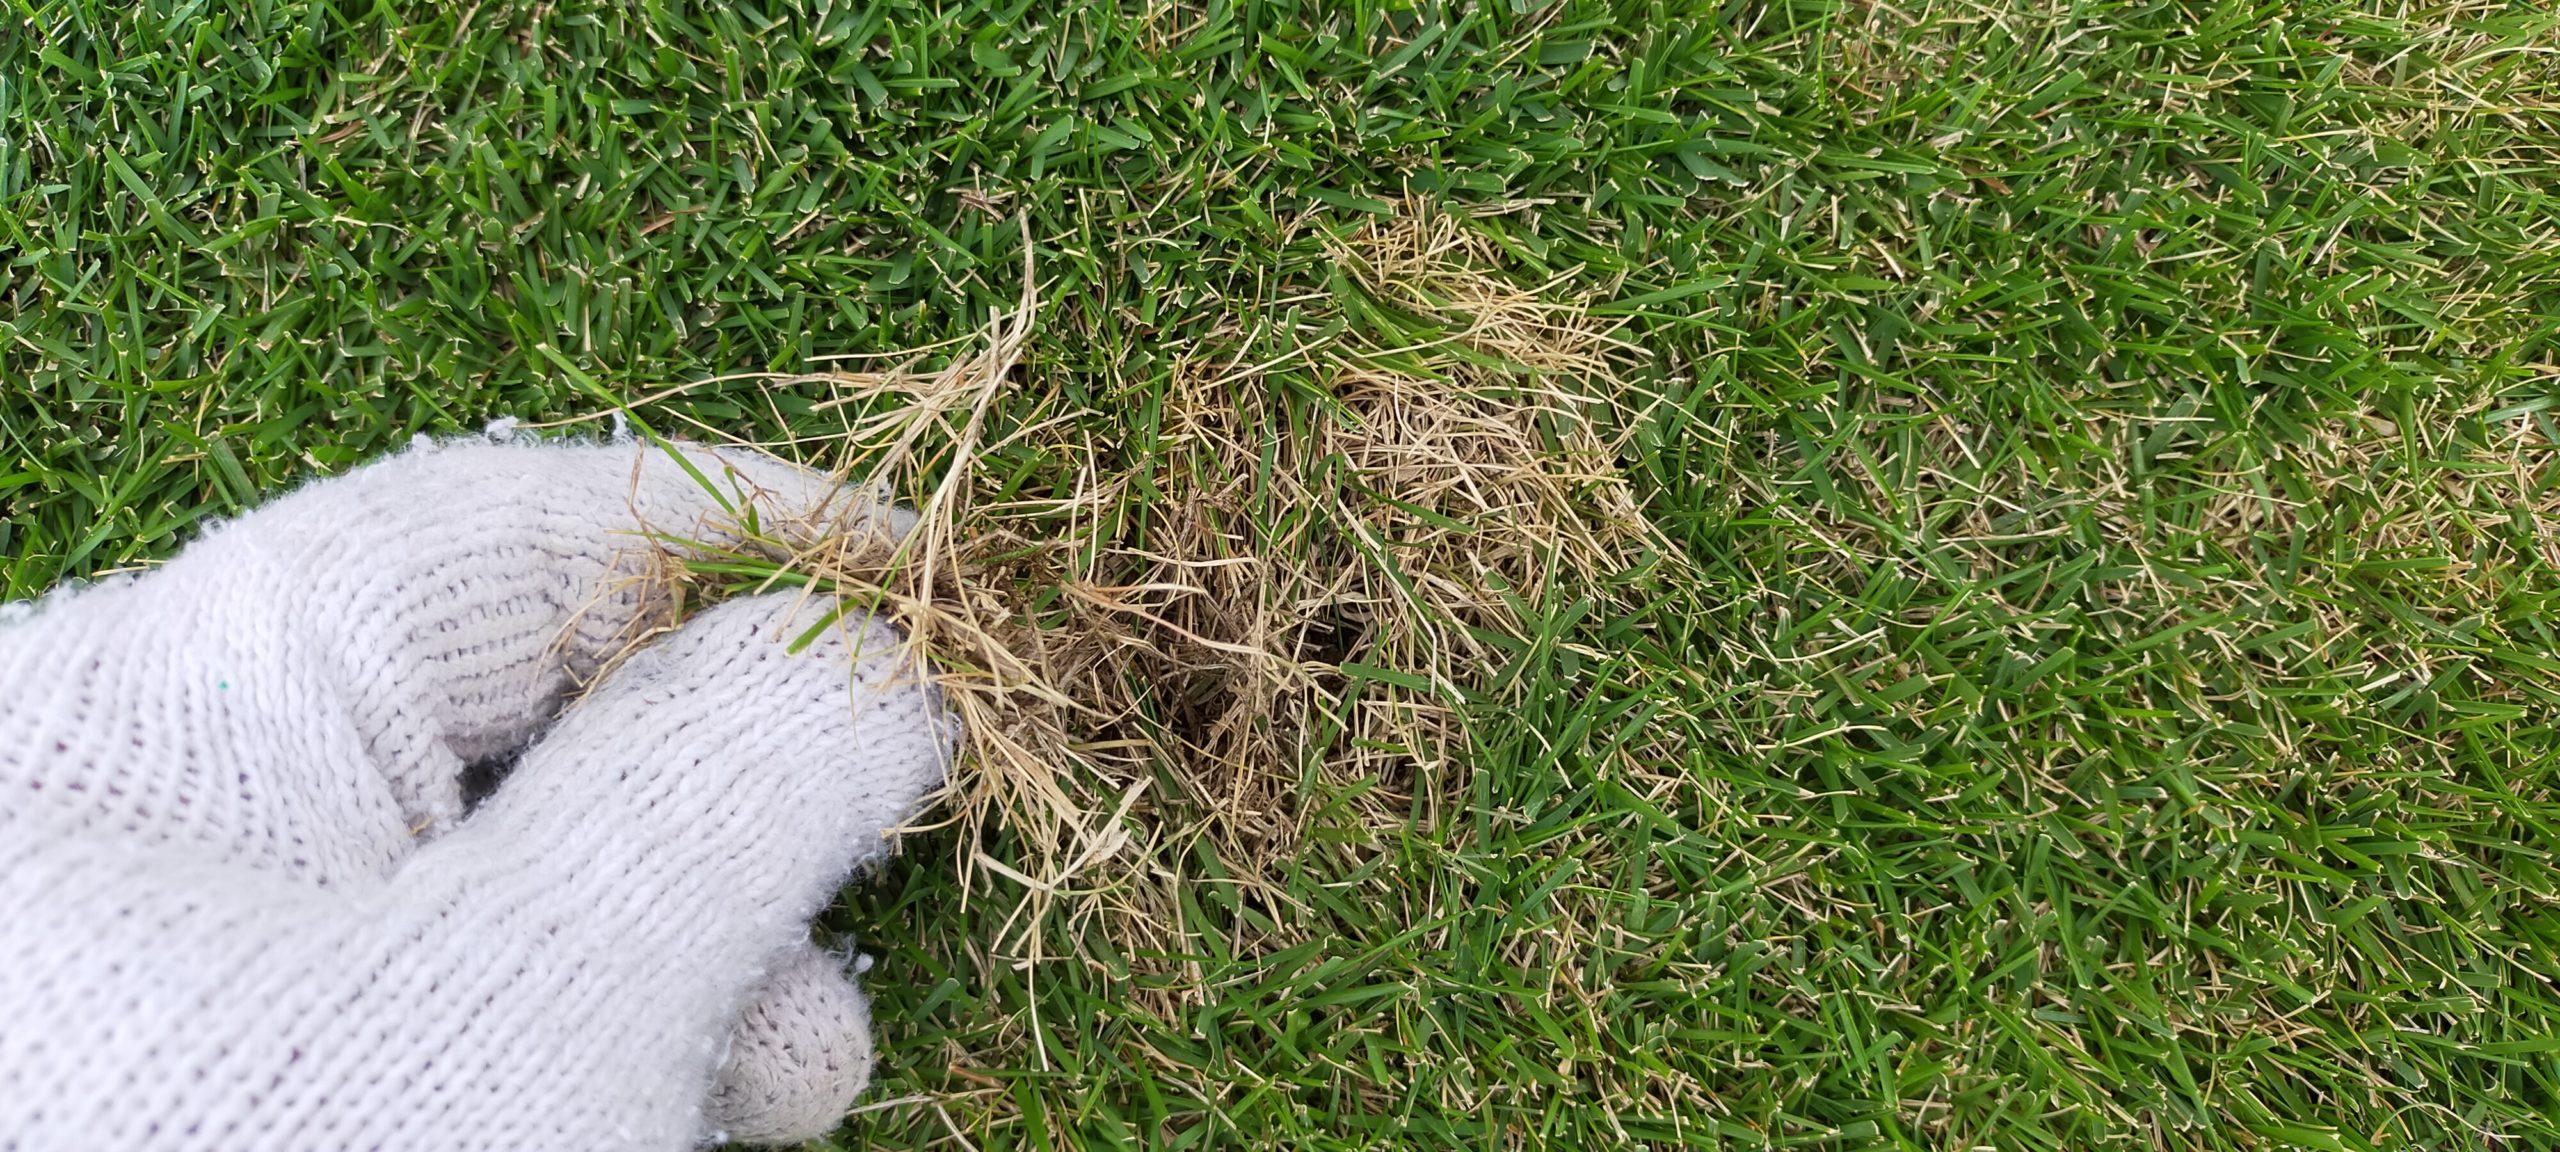 芝生の害虫コガネムシ駆除😃✨